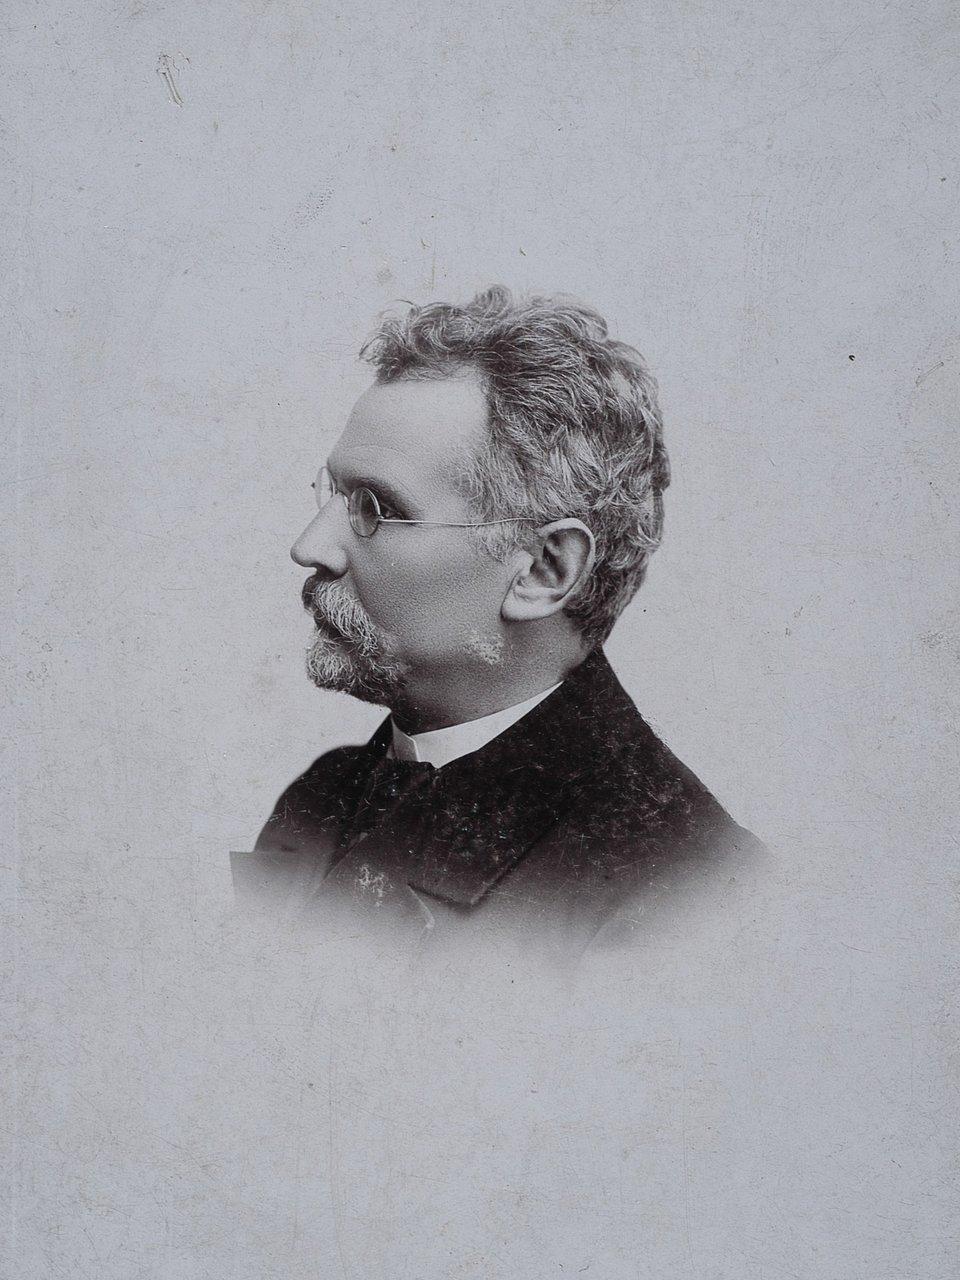 Portret Bolesława Prusa Portret Bolesława Prusa Źródło: Edward Troczewski, ok. 1895, fotografia, domena publiczna.